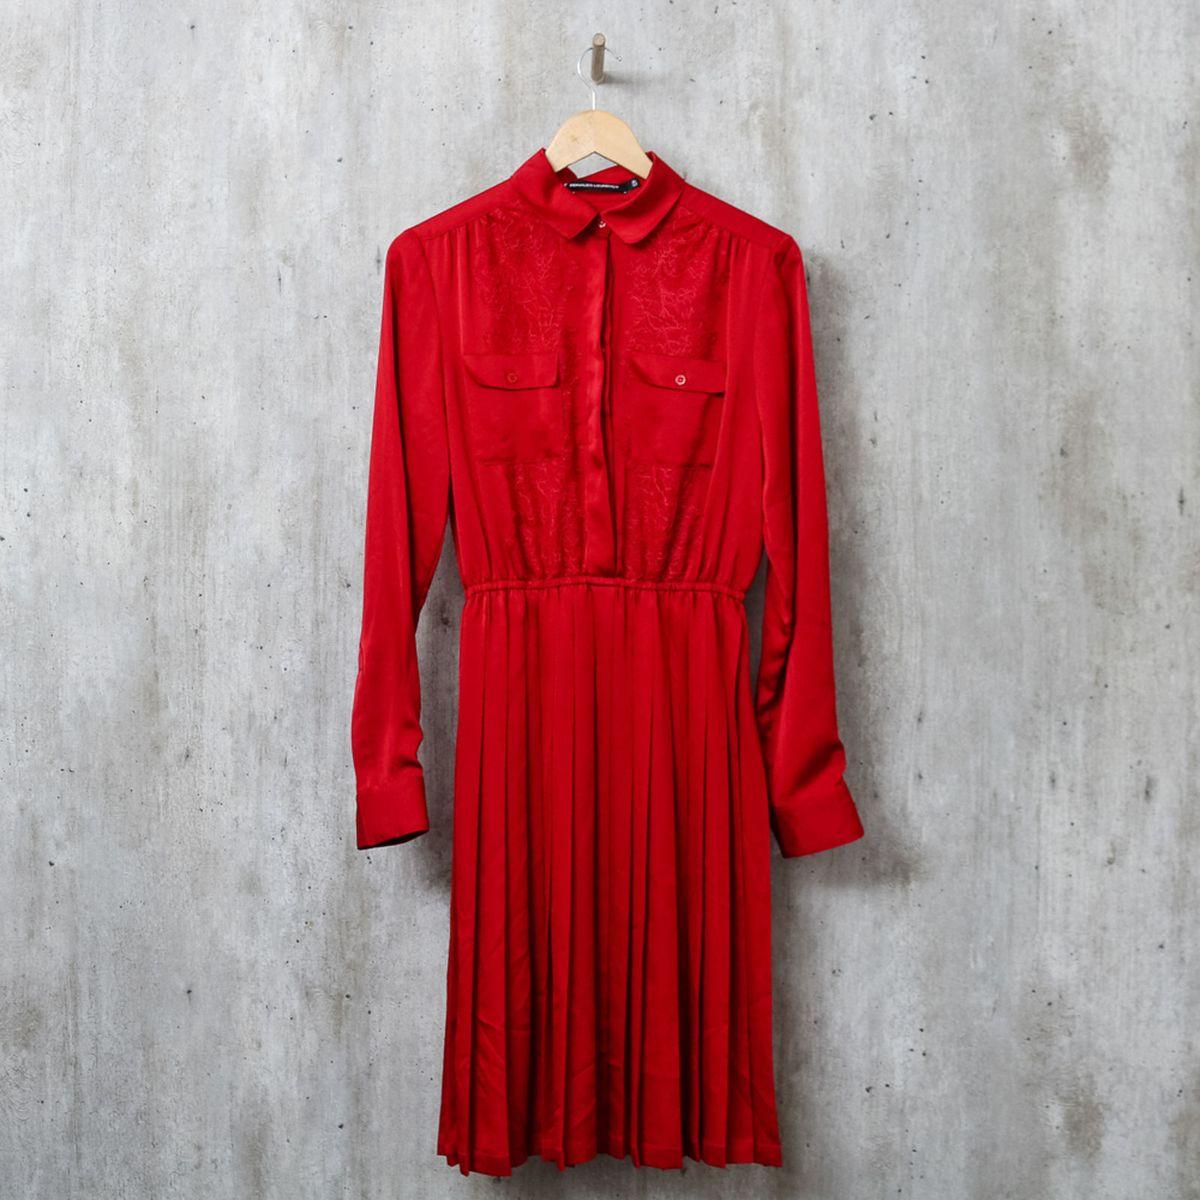 e5d23ca57 Vestido Vermelho Lourenço | Vestido Feminino Reinaldo Lourenço Nunca ...